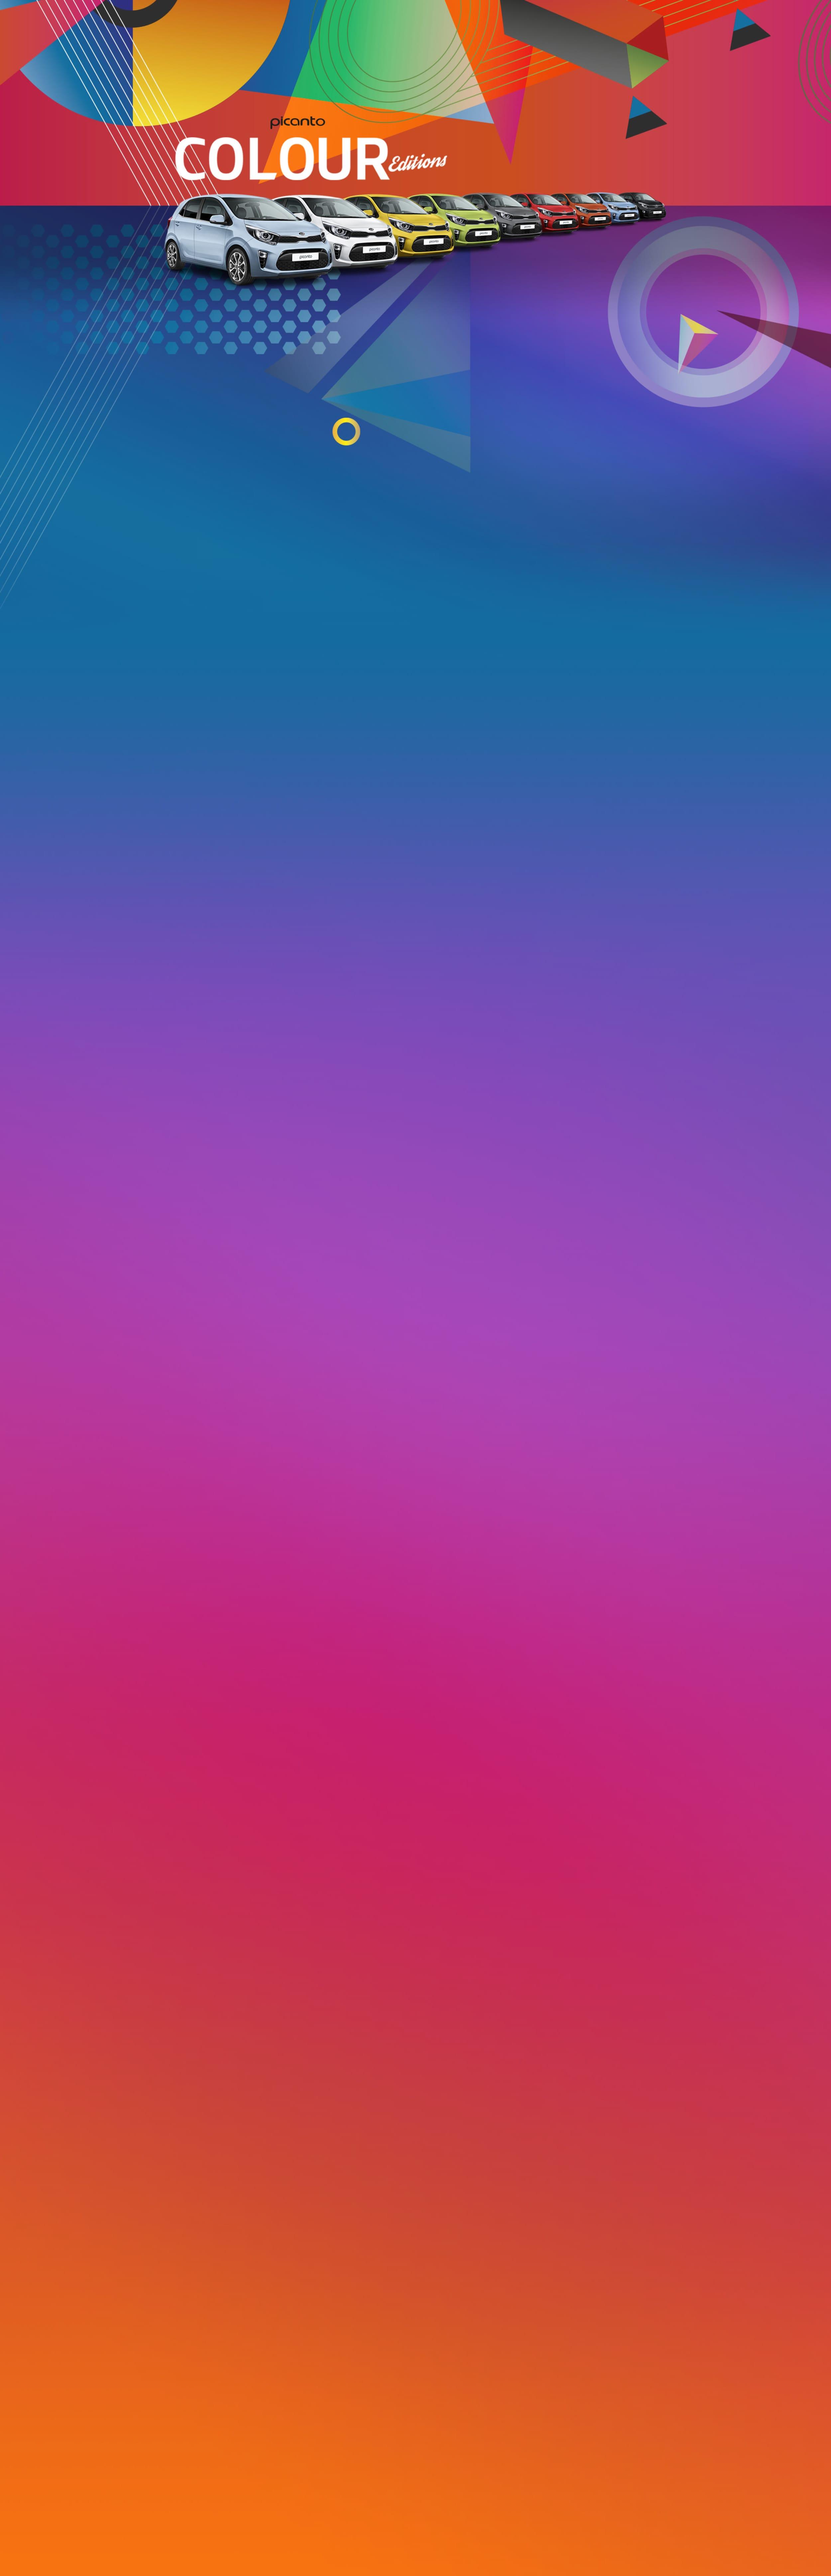 Picanto Colour Editions